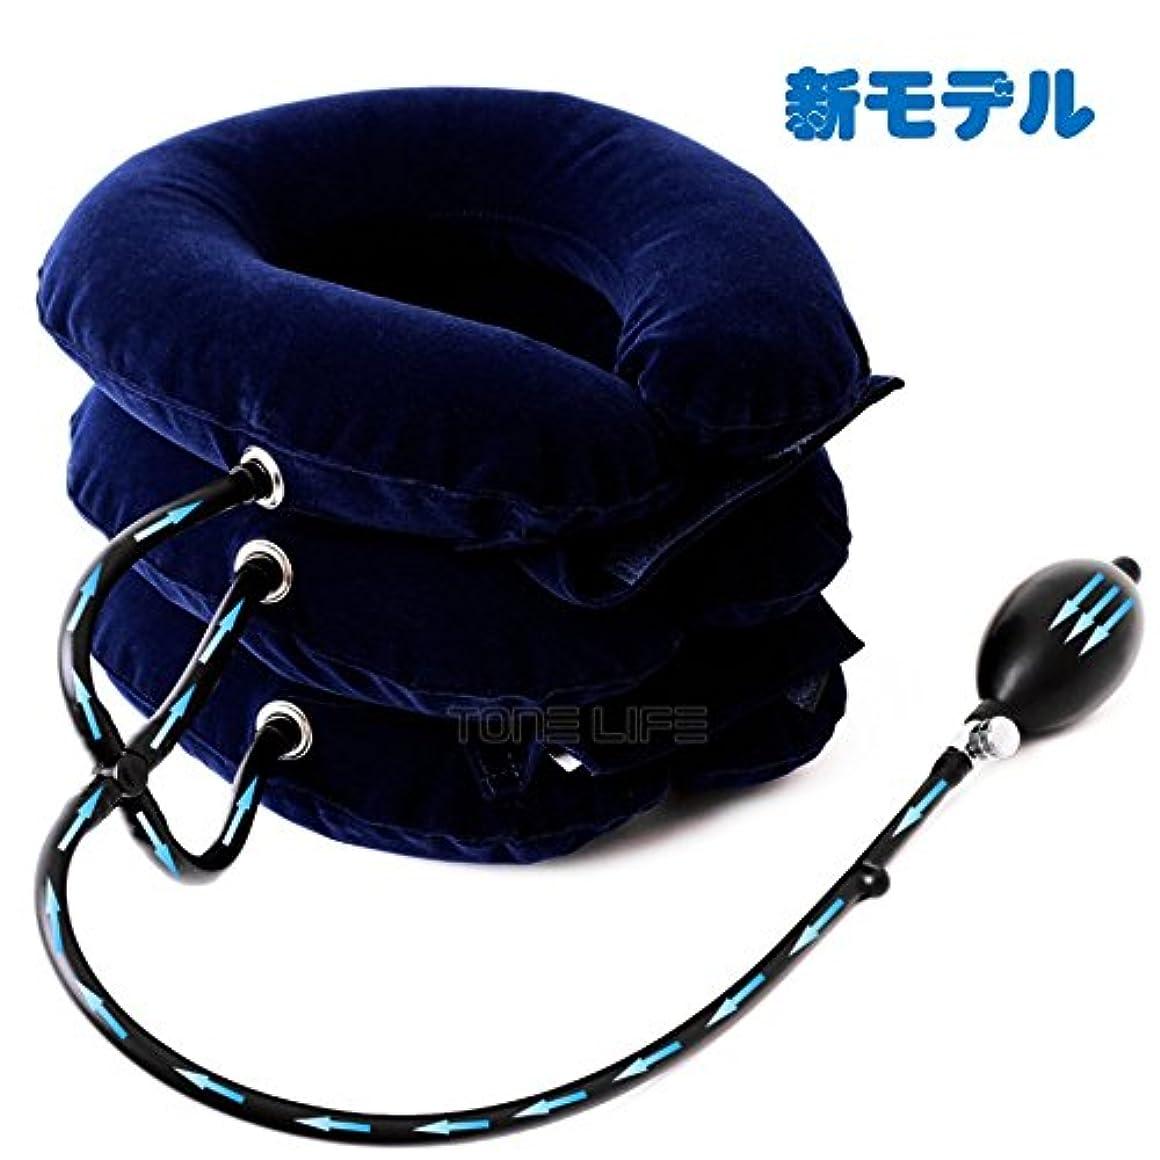 損傷速度バックアップTONELIFE 3つ又チューブ エアー ネックストレッチャー 頚椎カラー 軽量 首サポーター 頸椎牽引装置 三つ叉ポンプ式 説明書付き (ブルー/蓝色)